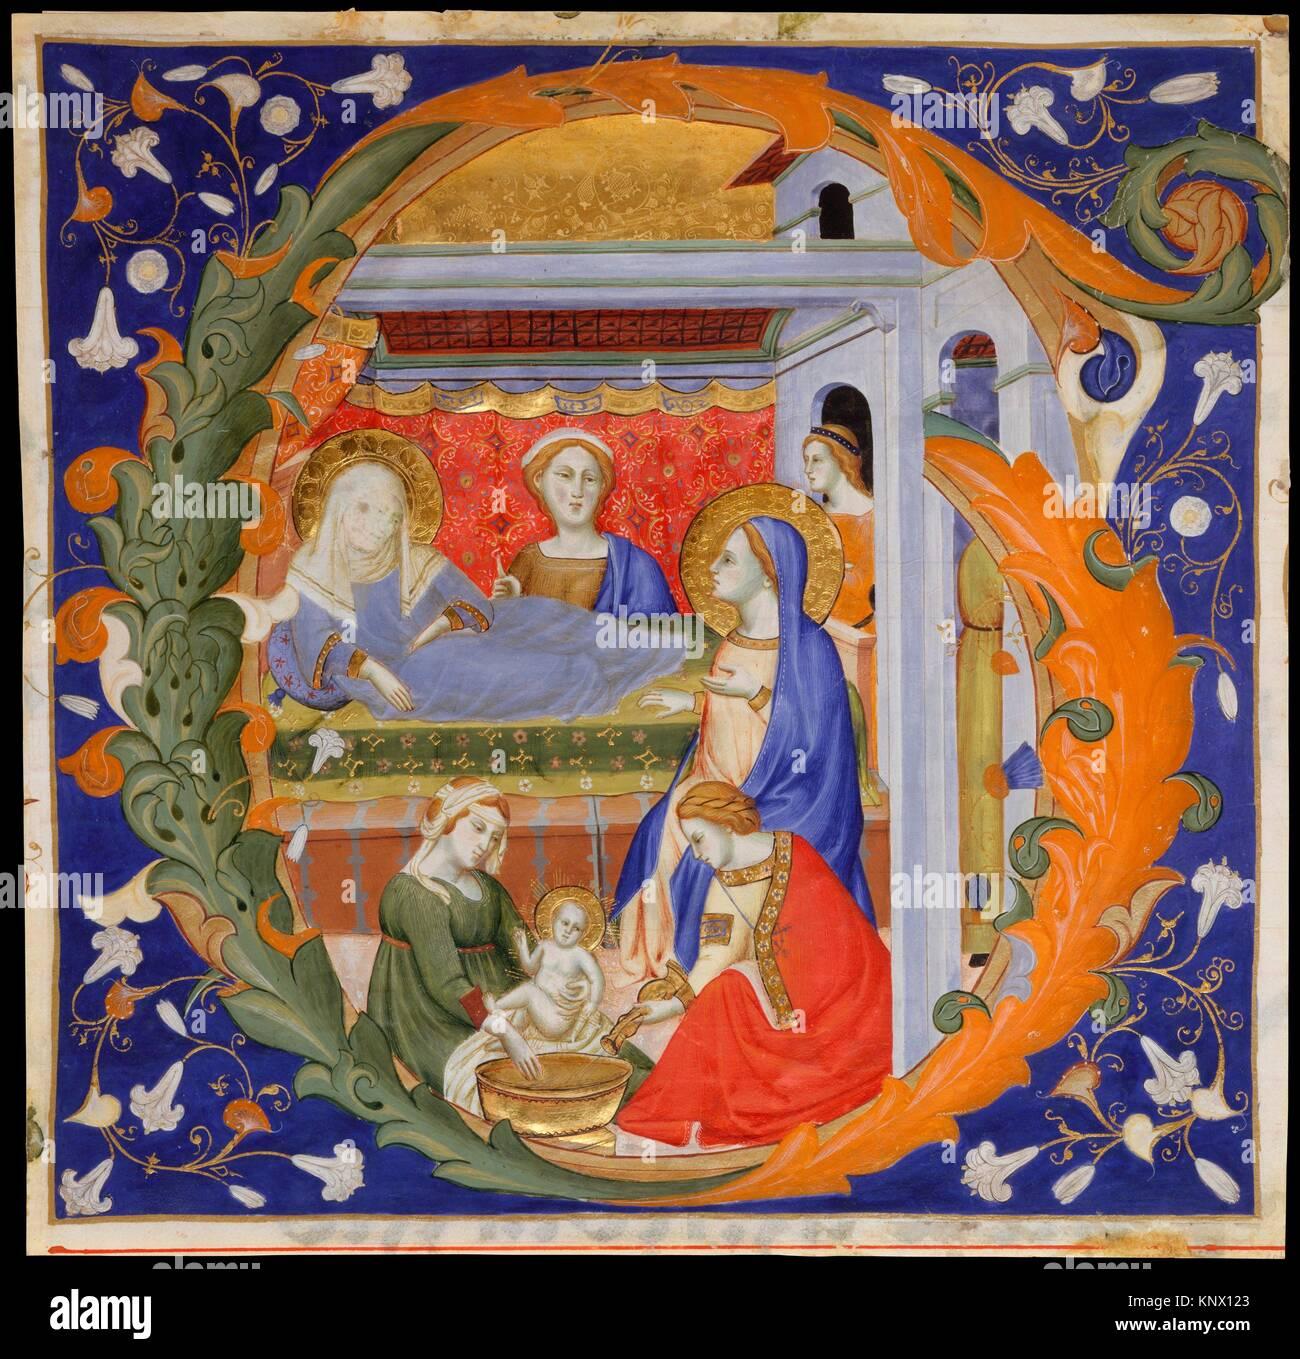 Manoscritto con la nascita della vergine in una iniziale G, da una graduale. Artista: Don Silvestro de' Gherarducci Immagini Stock